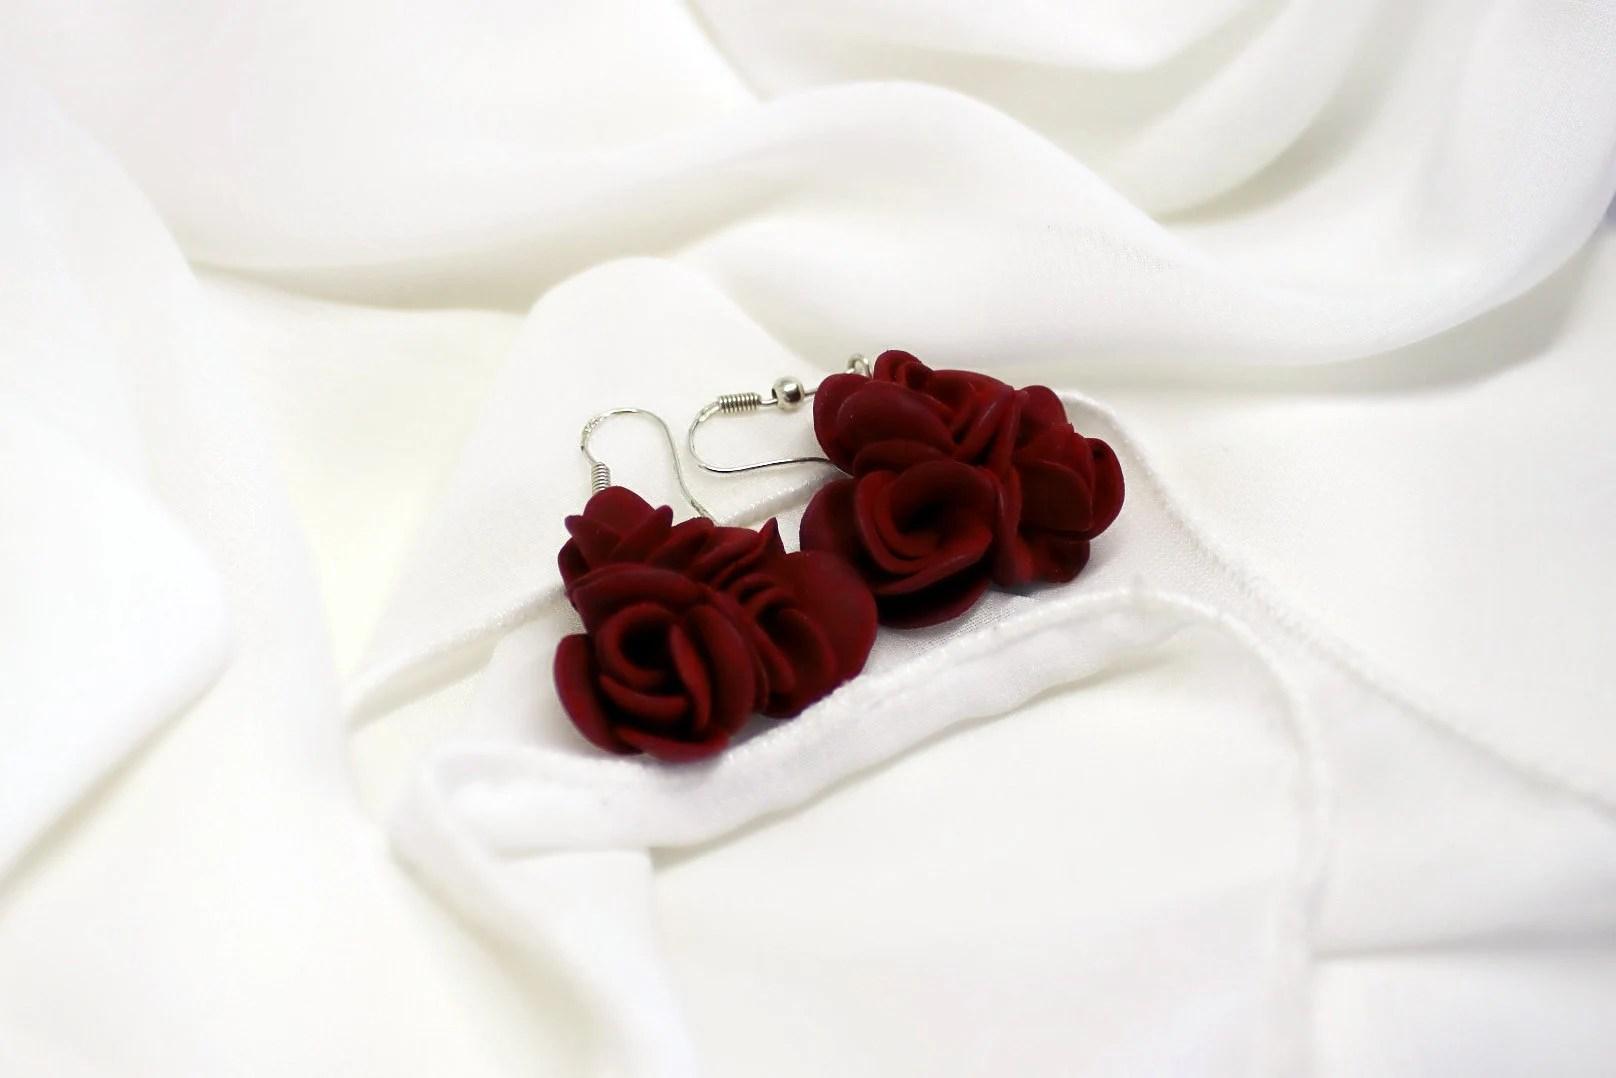 Burgundy/Marsala Red Roses Dangling Earrings S.Valentine / image 4